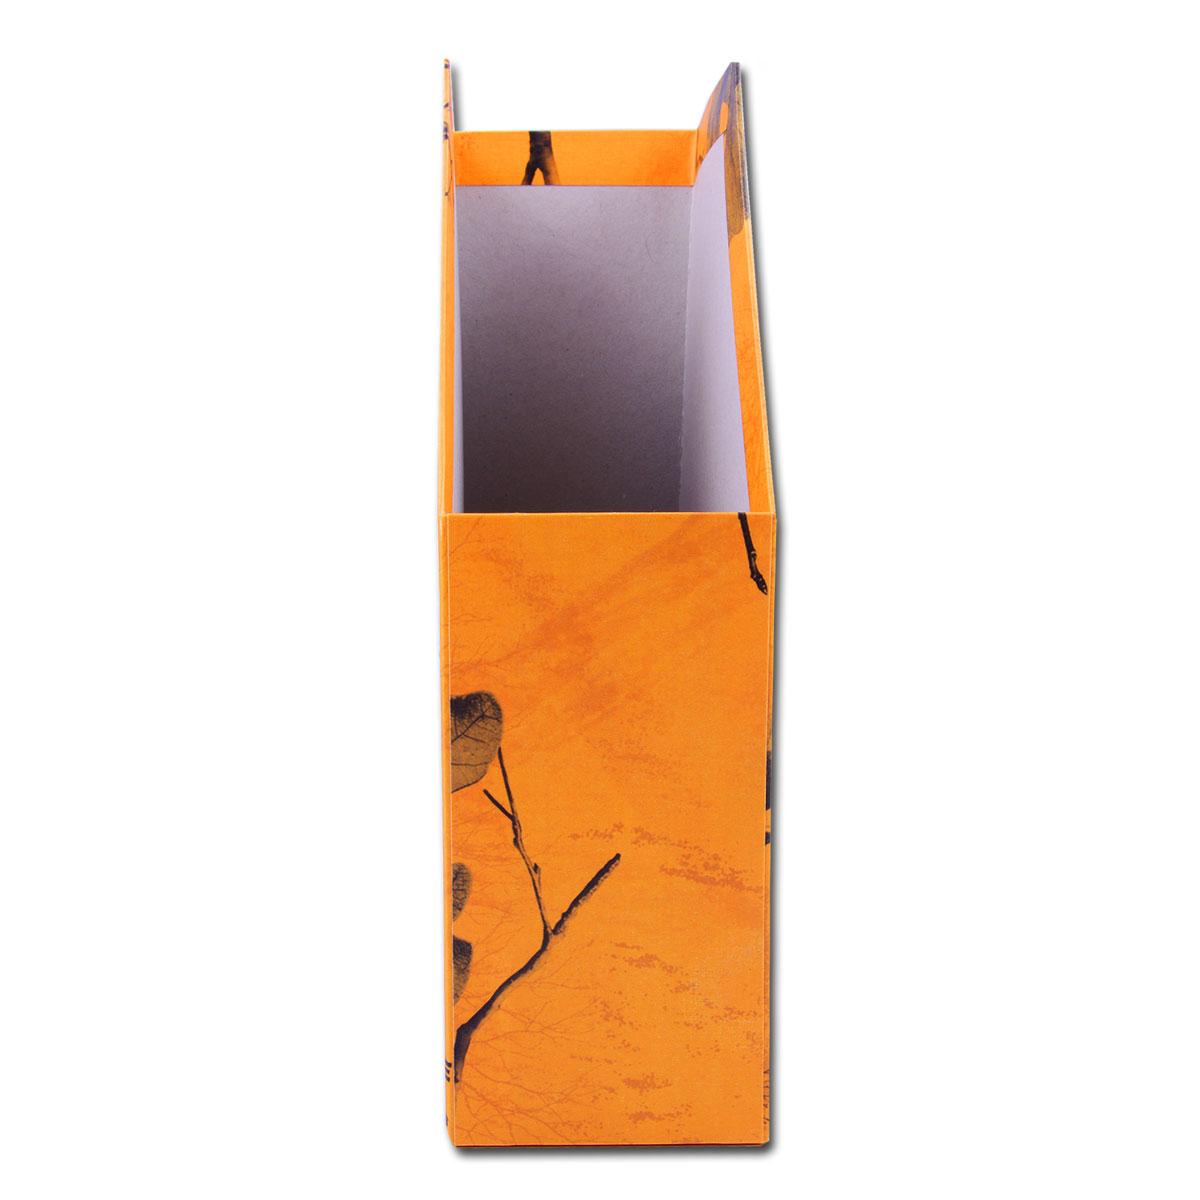 DJZ Edition: Schuber DEUTSCHE JAGDZEITUNG orange-blaze im Pareyshop